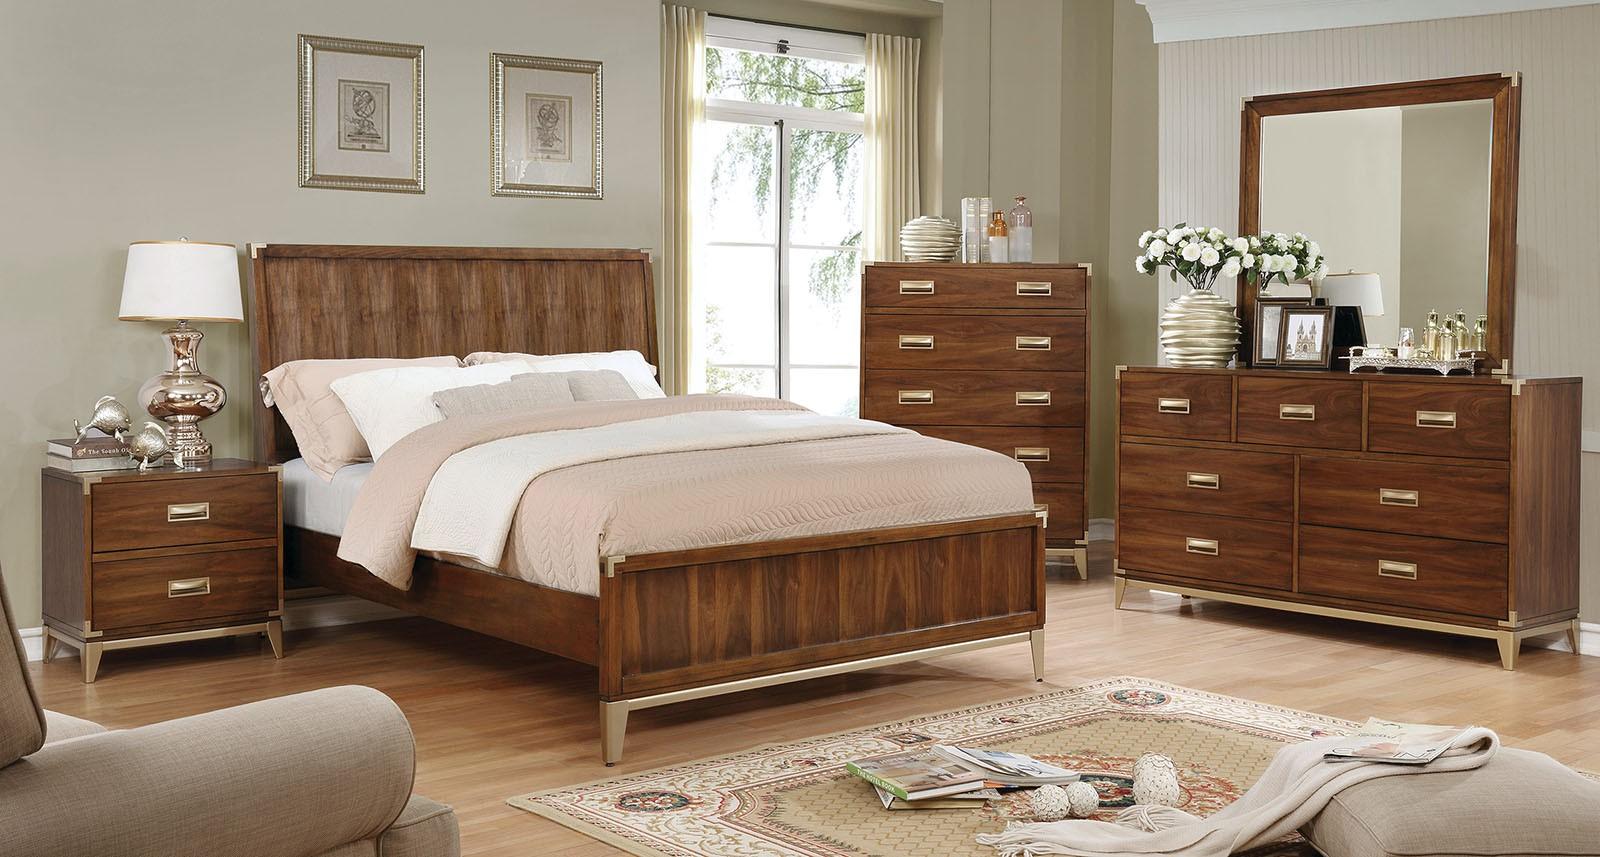 Dark Oak Finish 4 Piece Platform Bed Set Queen Bed Dresser Mirror Nightstand Home Bedroom